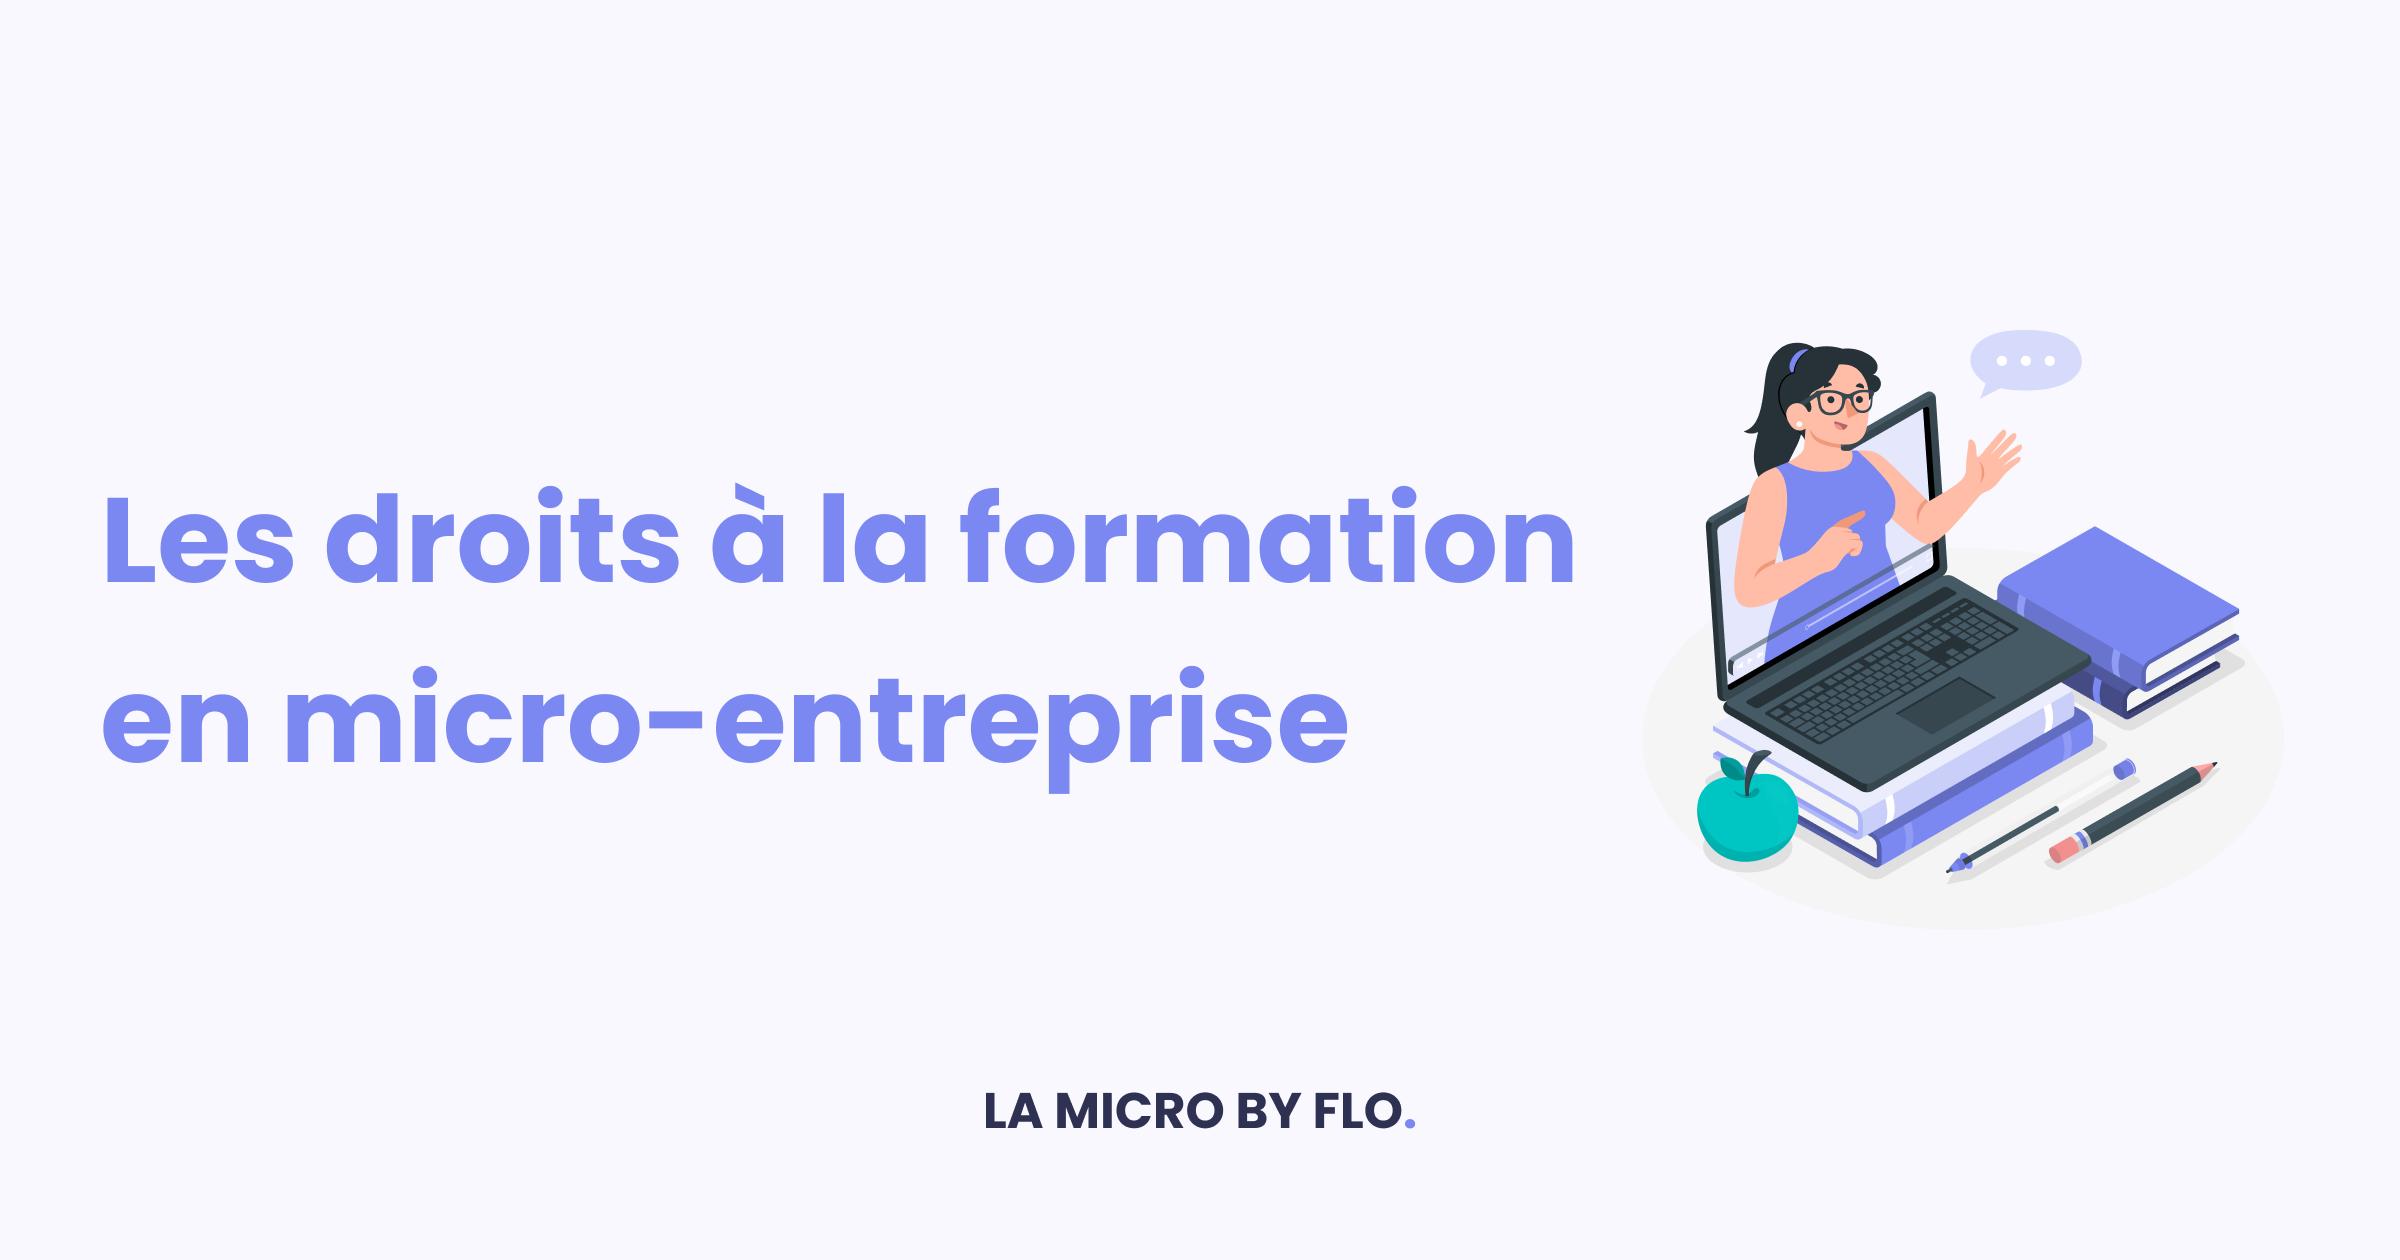 📚 Les droits à la formation en micro-entreprise